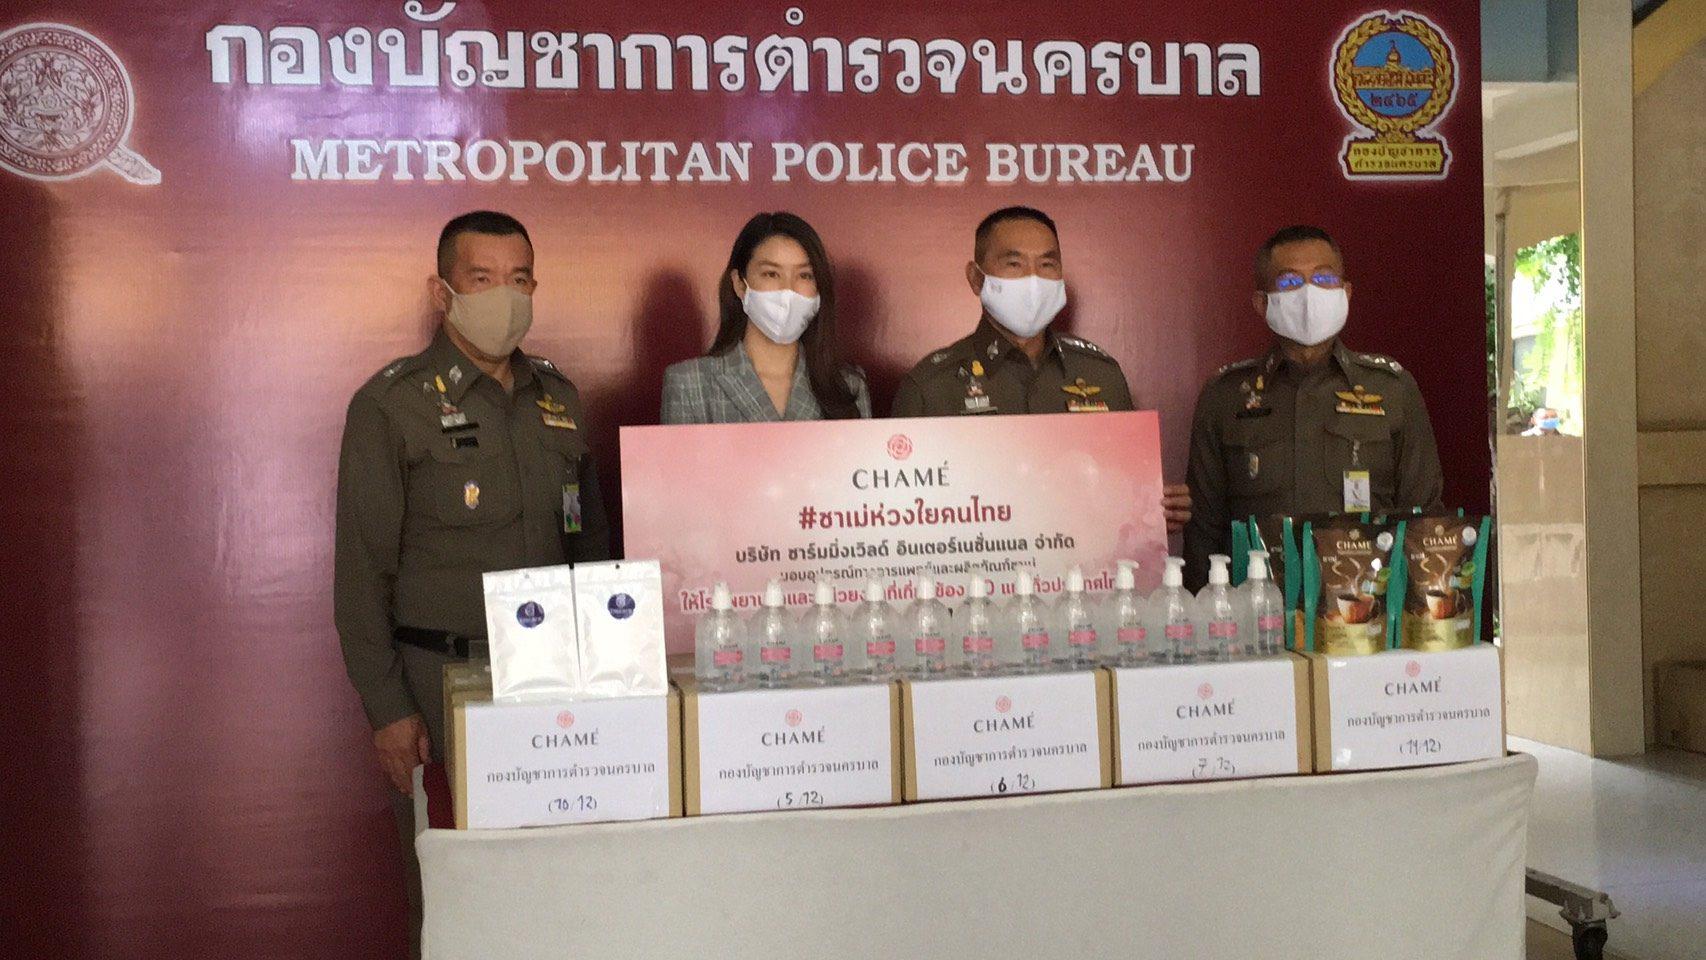 'เชียร์'-ฑิฆัมพร มอบอุปกรณ์ป้องกันโควิด-กาแฟ ให้ตำรวจนครบาล